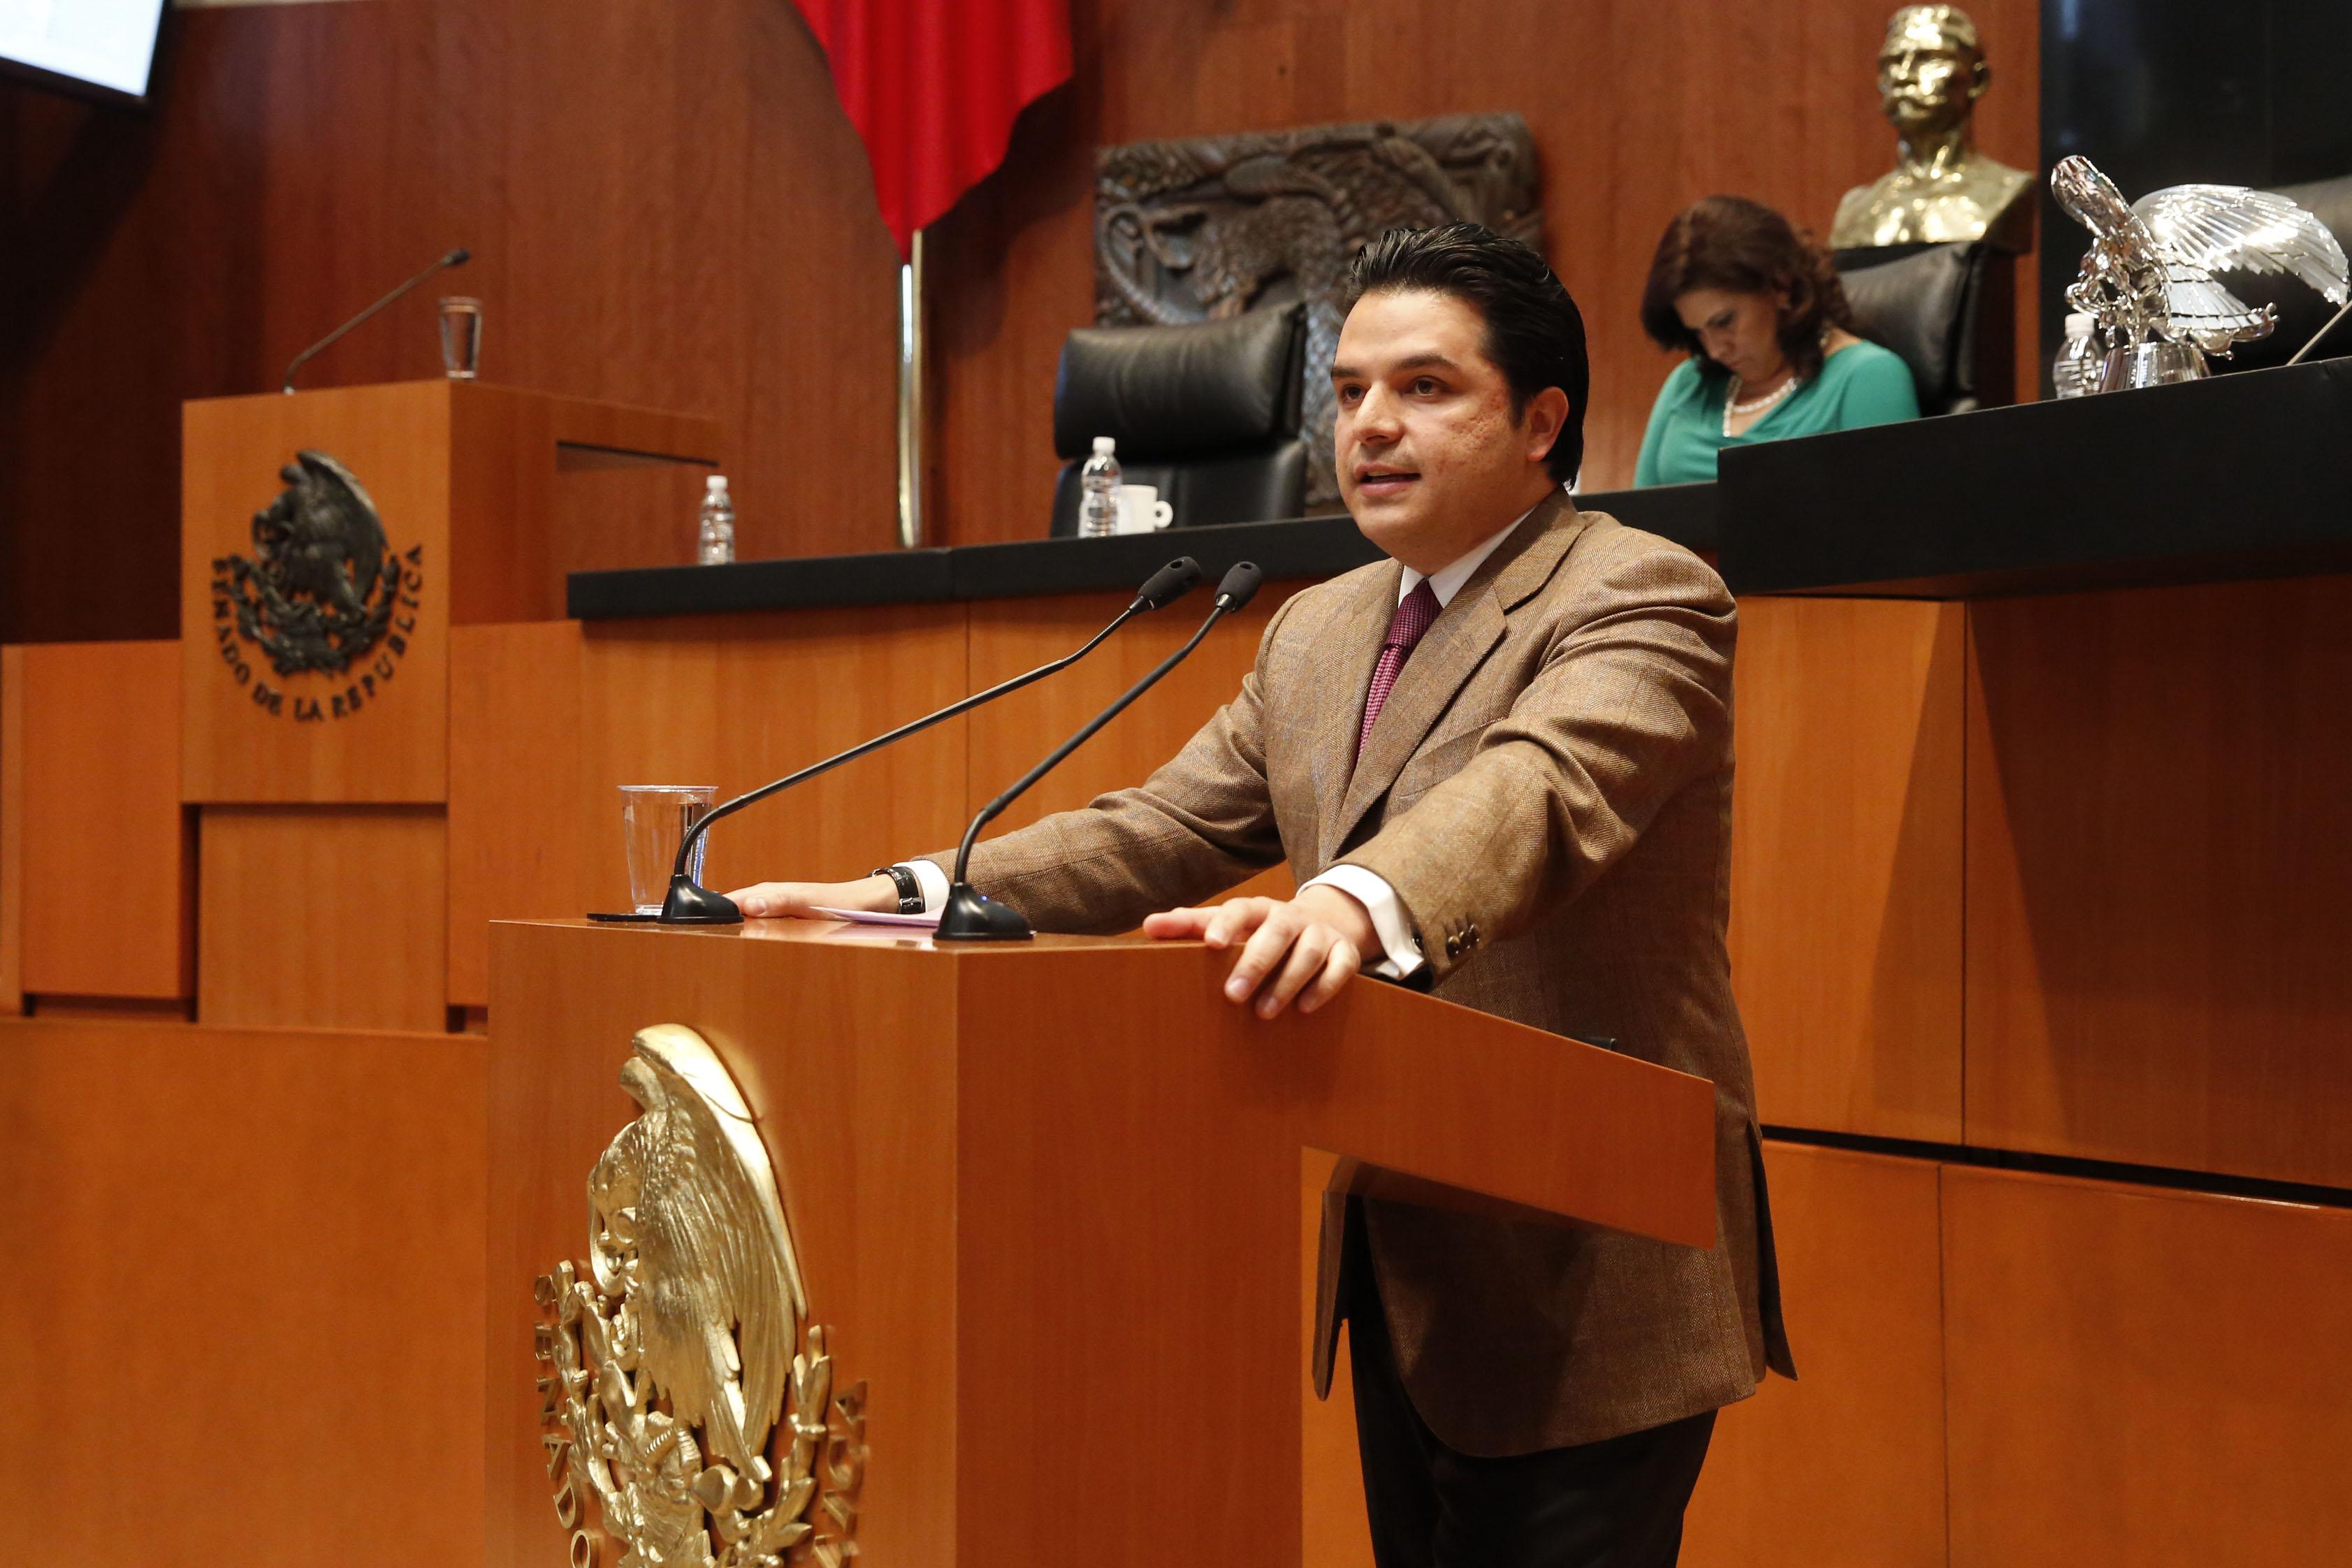 Tercera comisión trabajará con seriedad, de manera puntual, eficiente y expedita: Zoé Robledo.